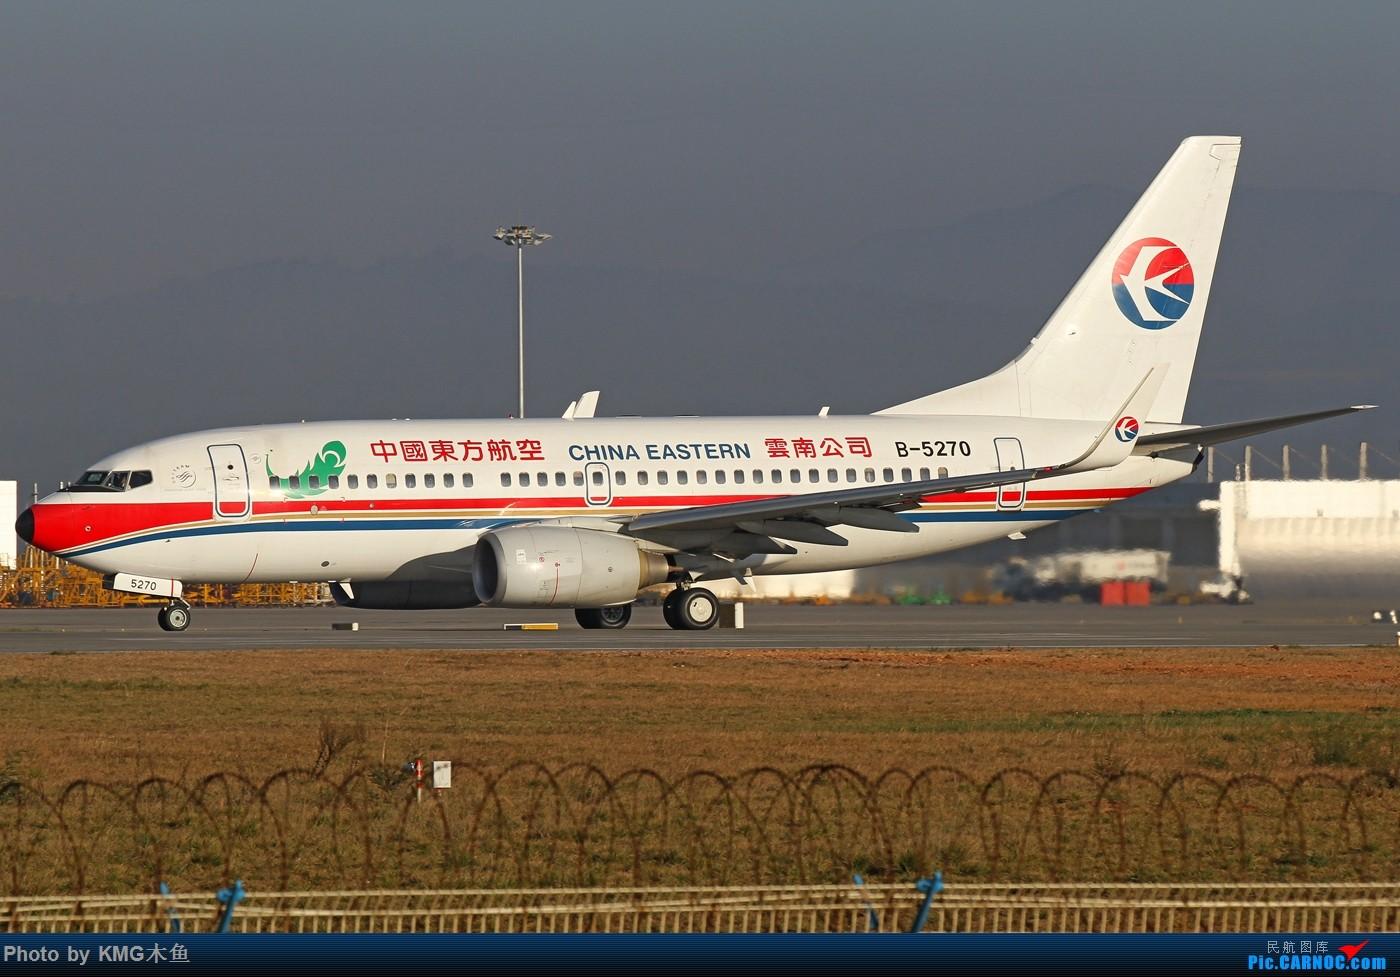 [原创]【KMG昆明长水国际机场】好天气,拍到了好灰机,愉快的一天 BOEING 737-700 B-5270 中国昆明长水国际机场